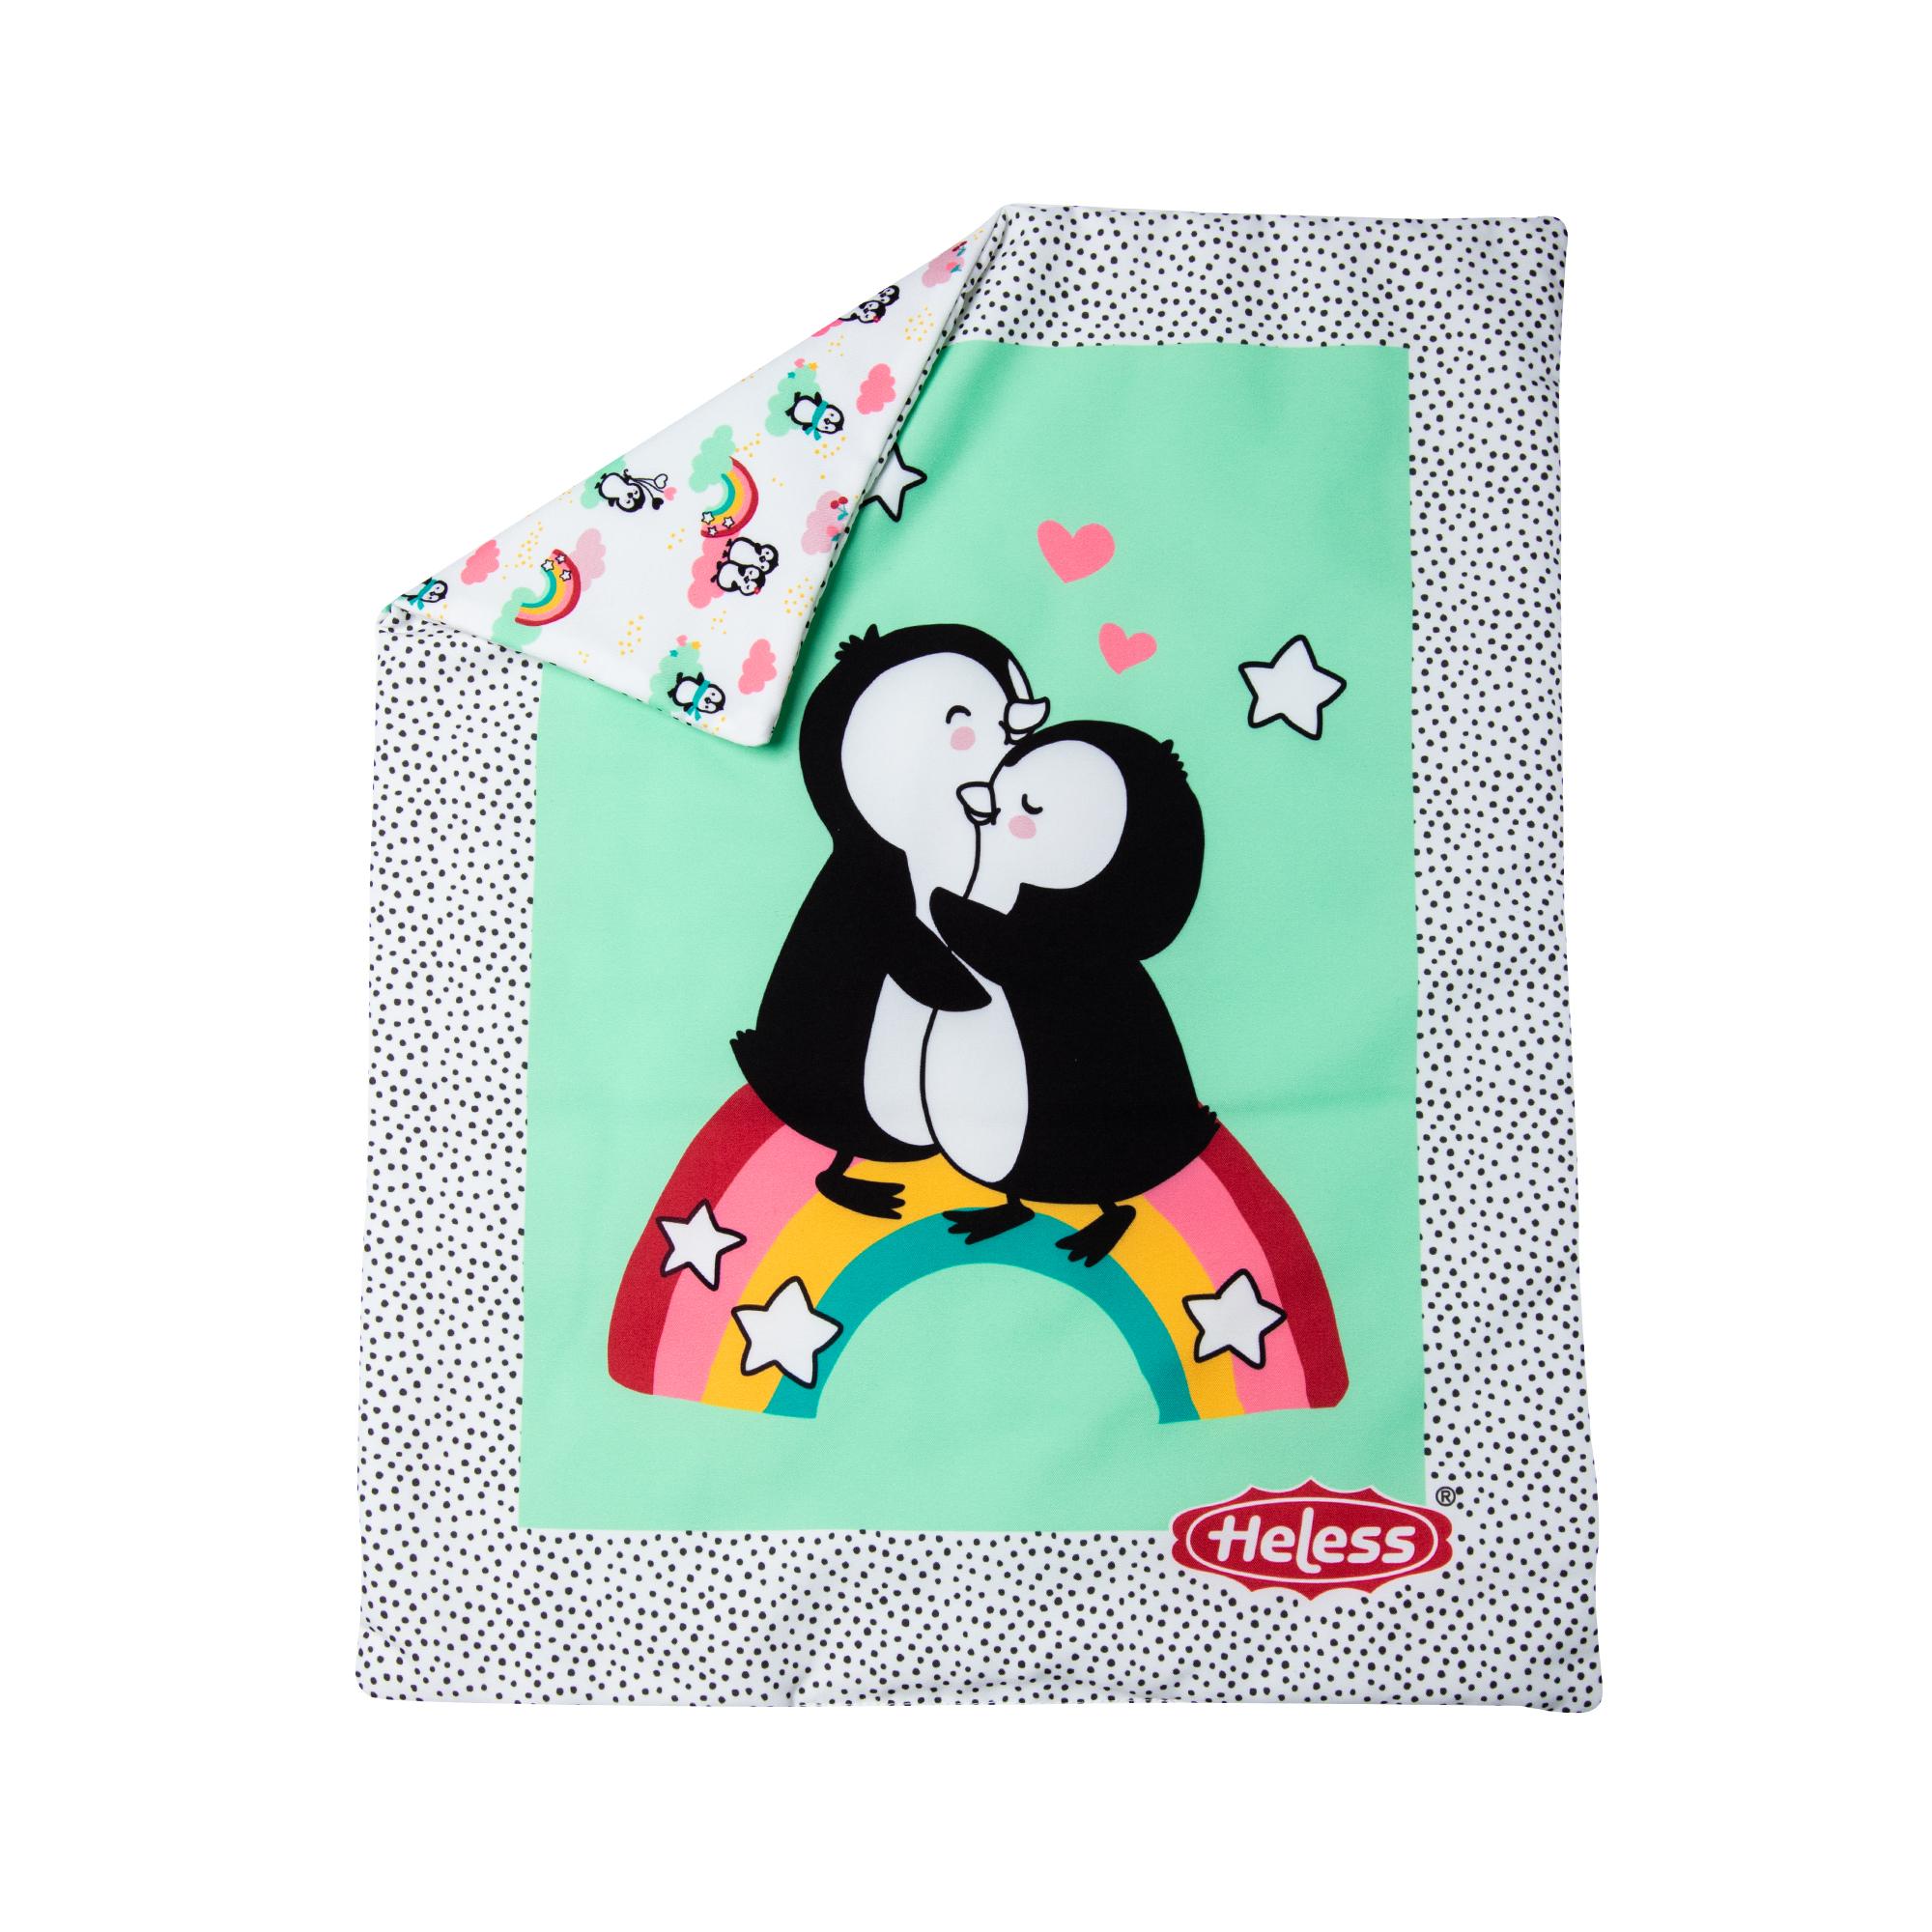 """Puppen-Bettdecke """"Pinguin Pünktchen"""" (44 x 34 cm) mit Kissen (16 x 16 cm)"""